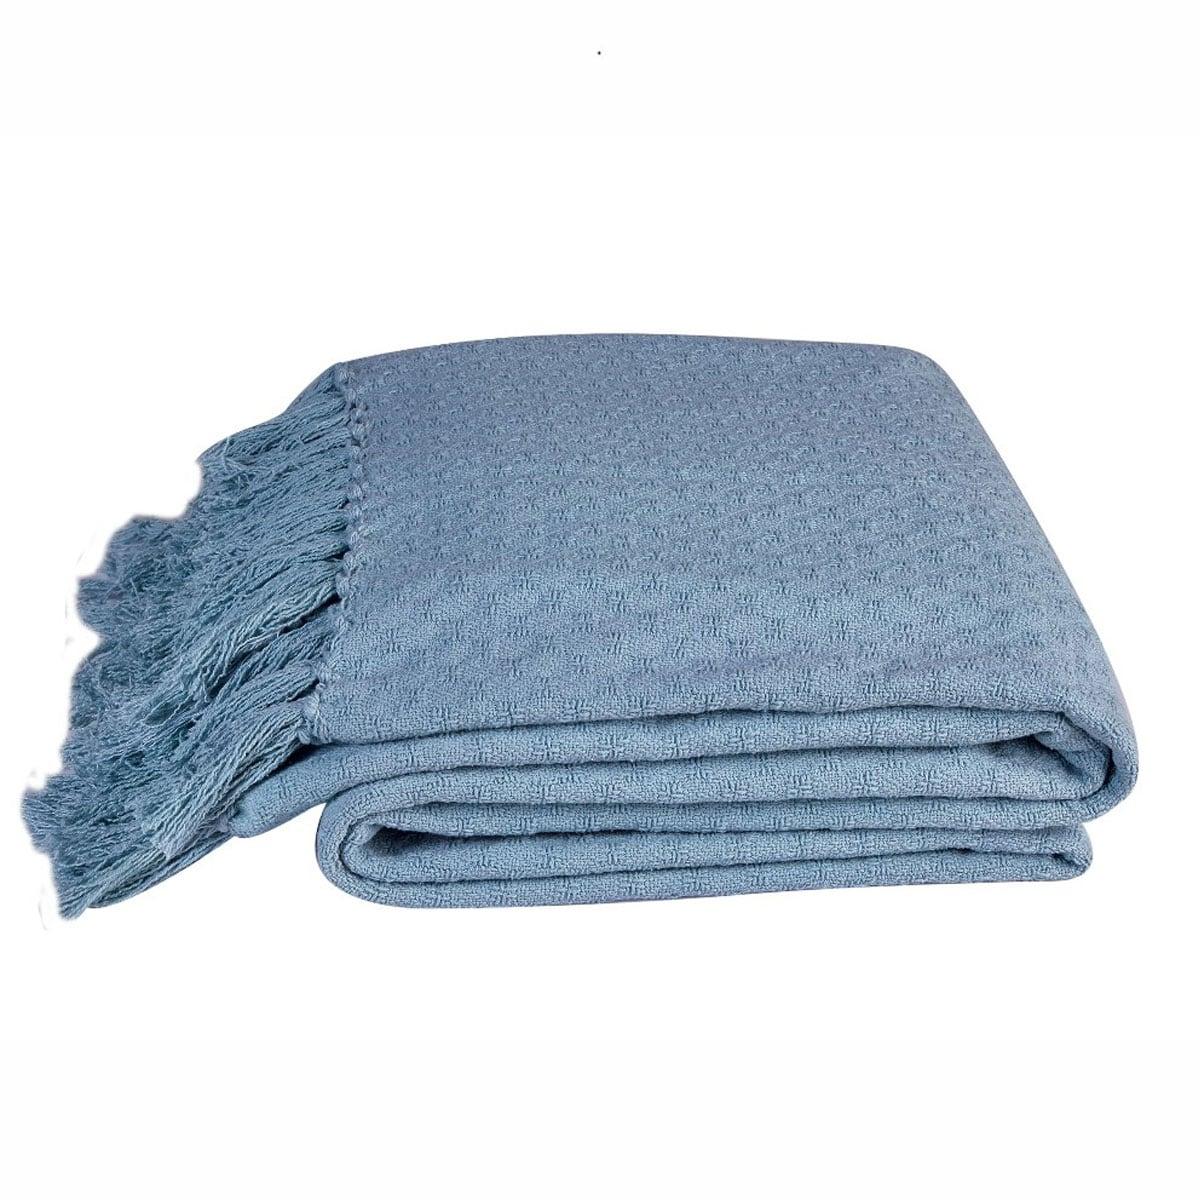 Κουβέρτα Βρεφική Priya 19 Blue Kentia Κούνιας 110x140cm